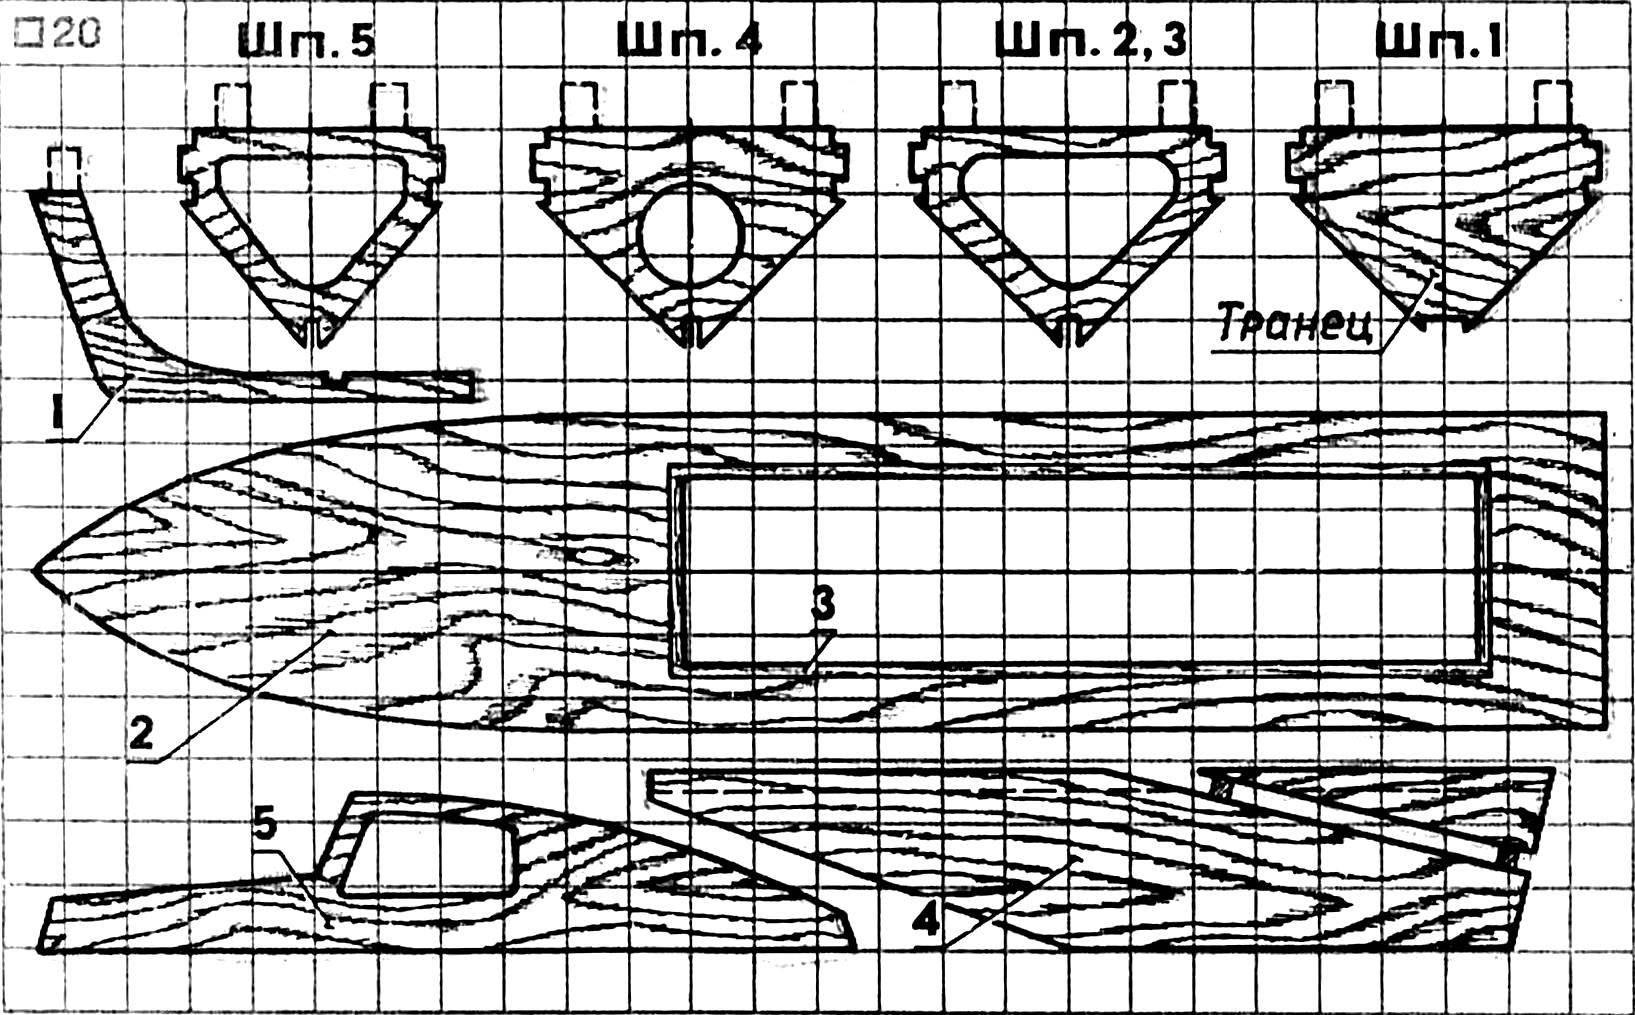 Рис. 2. Шаблоны для изготовления основных деталей модели.